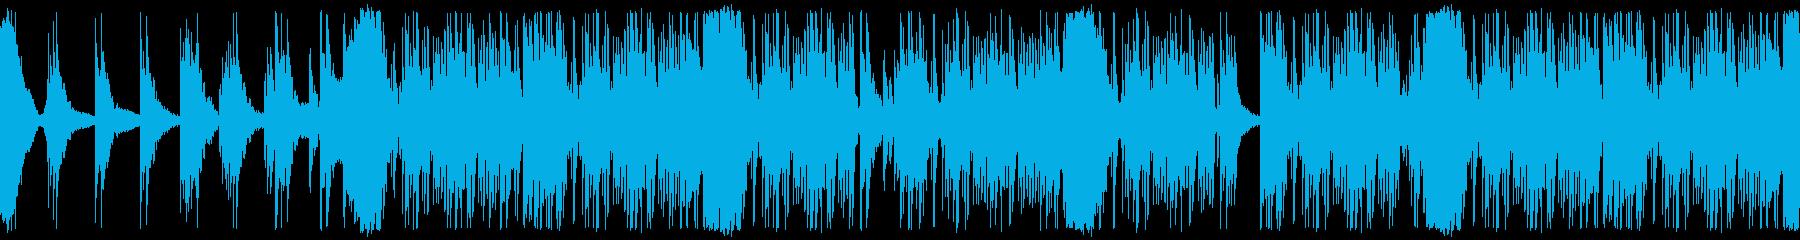 映画で緊迫したシーンに使われる打楽器群の再生済みの波形